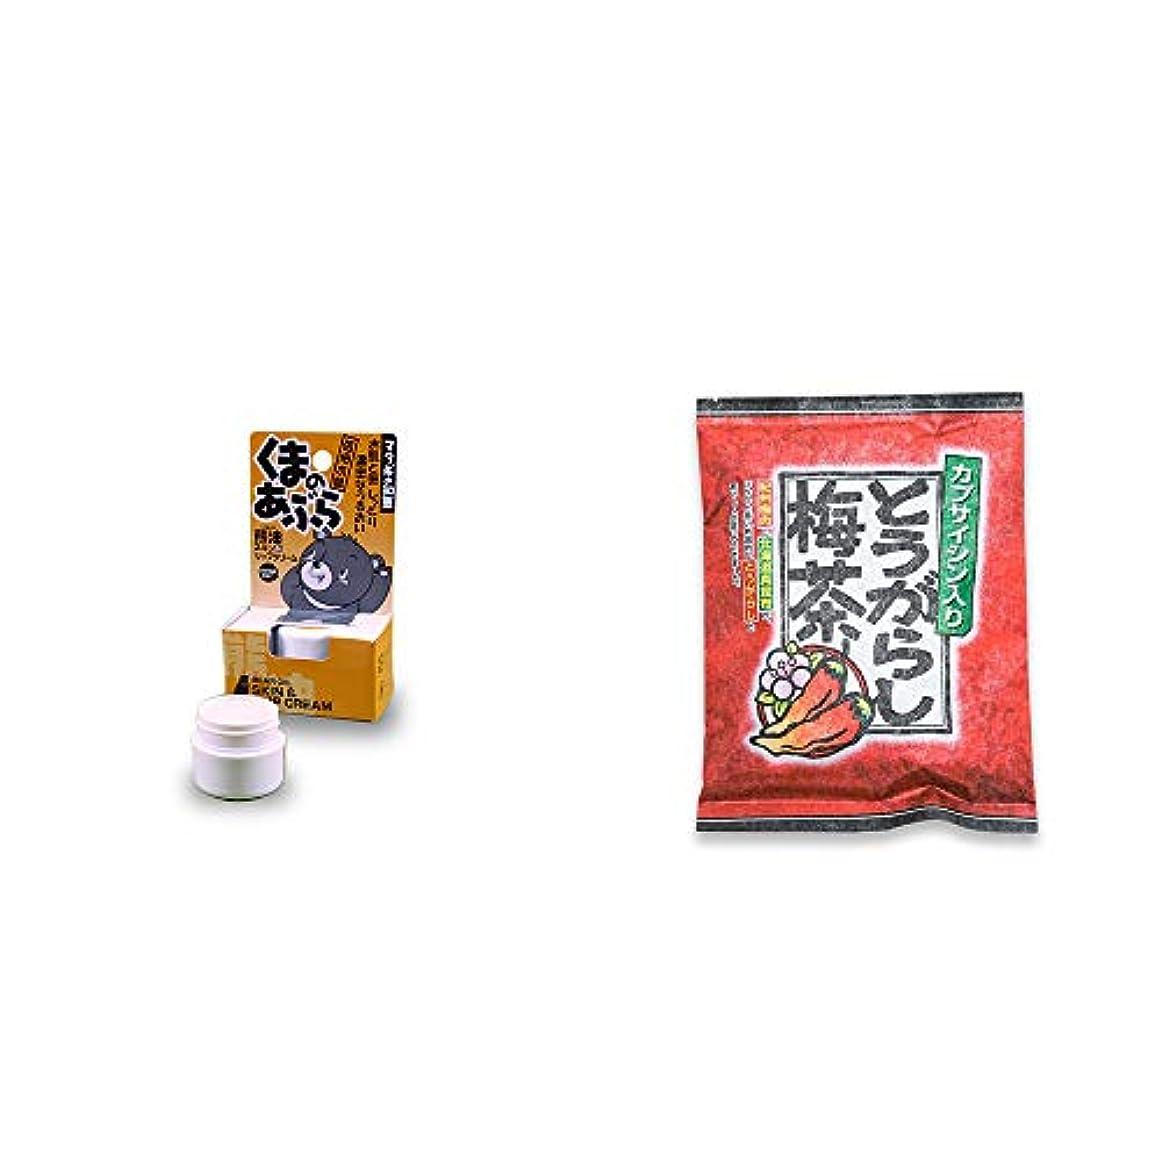 スマイル炎上最終的に[2点セット] 信州木曽 くまのあぶら 熊油スキン&リップクリーム(9g)?とうがらし梅茶(24袋)